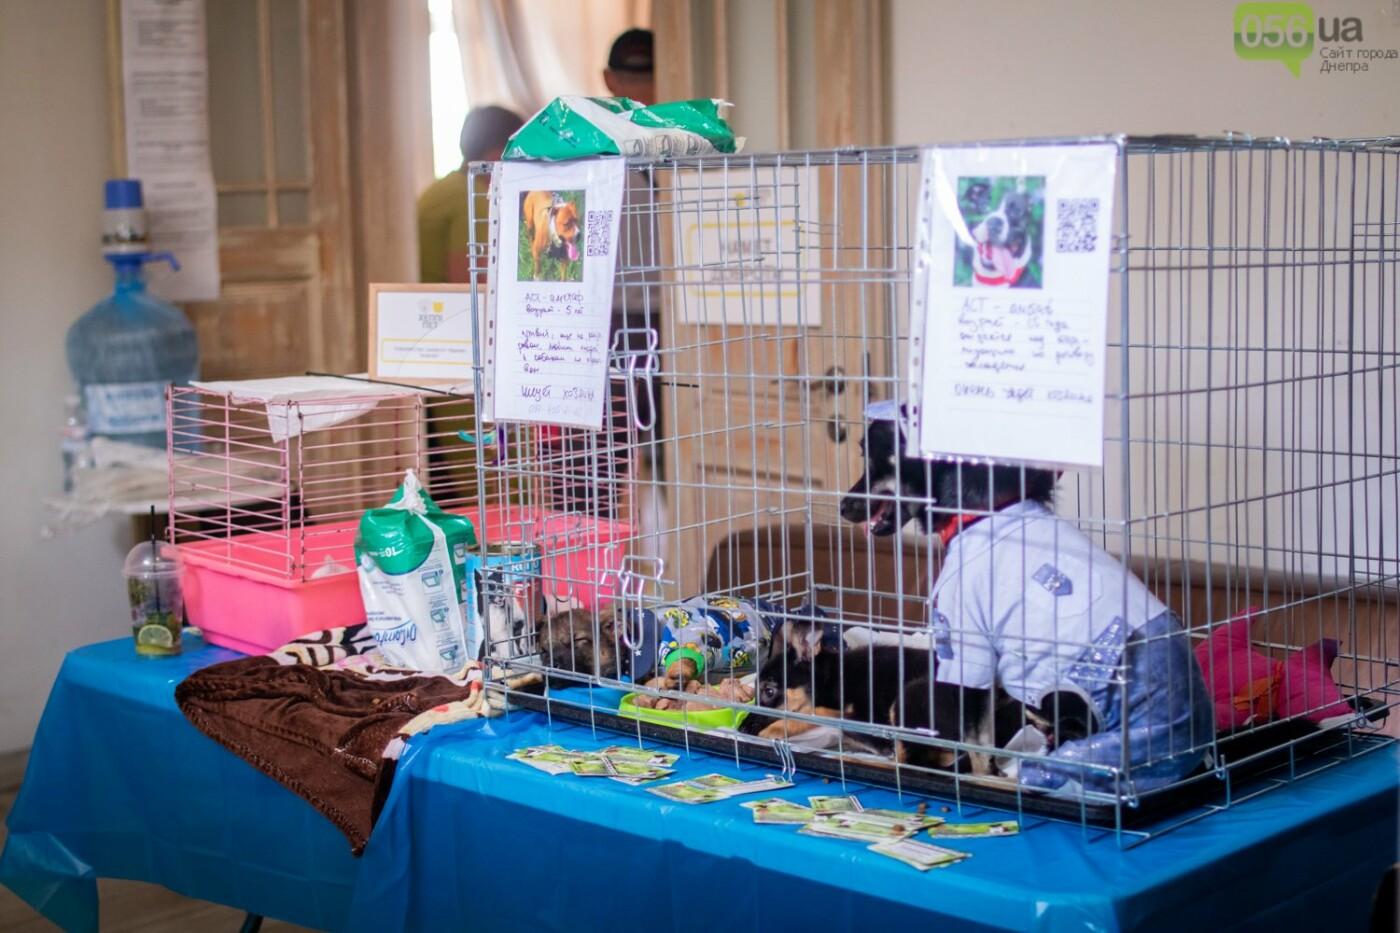 Собаки, кошки и морские свинки: как в Днепре прошел фестиваль домашних животных, - ФОТОРЕПОРТАЖ, фото-16